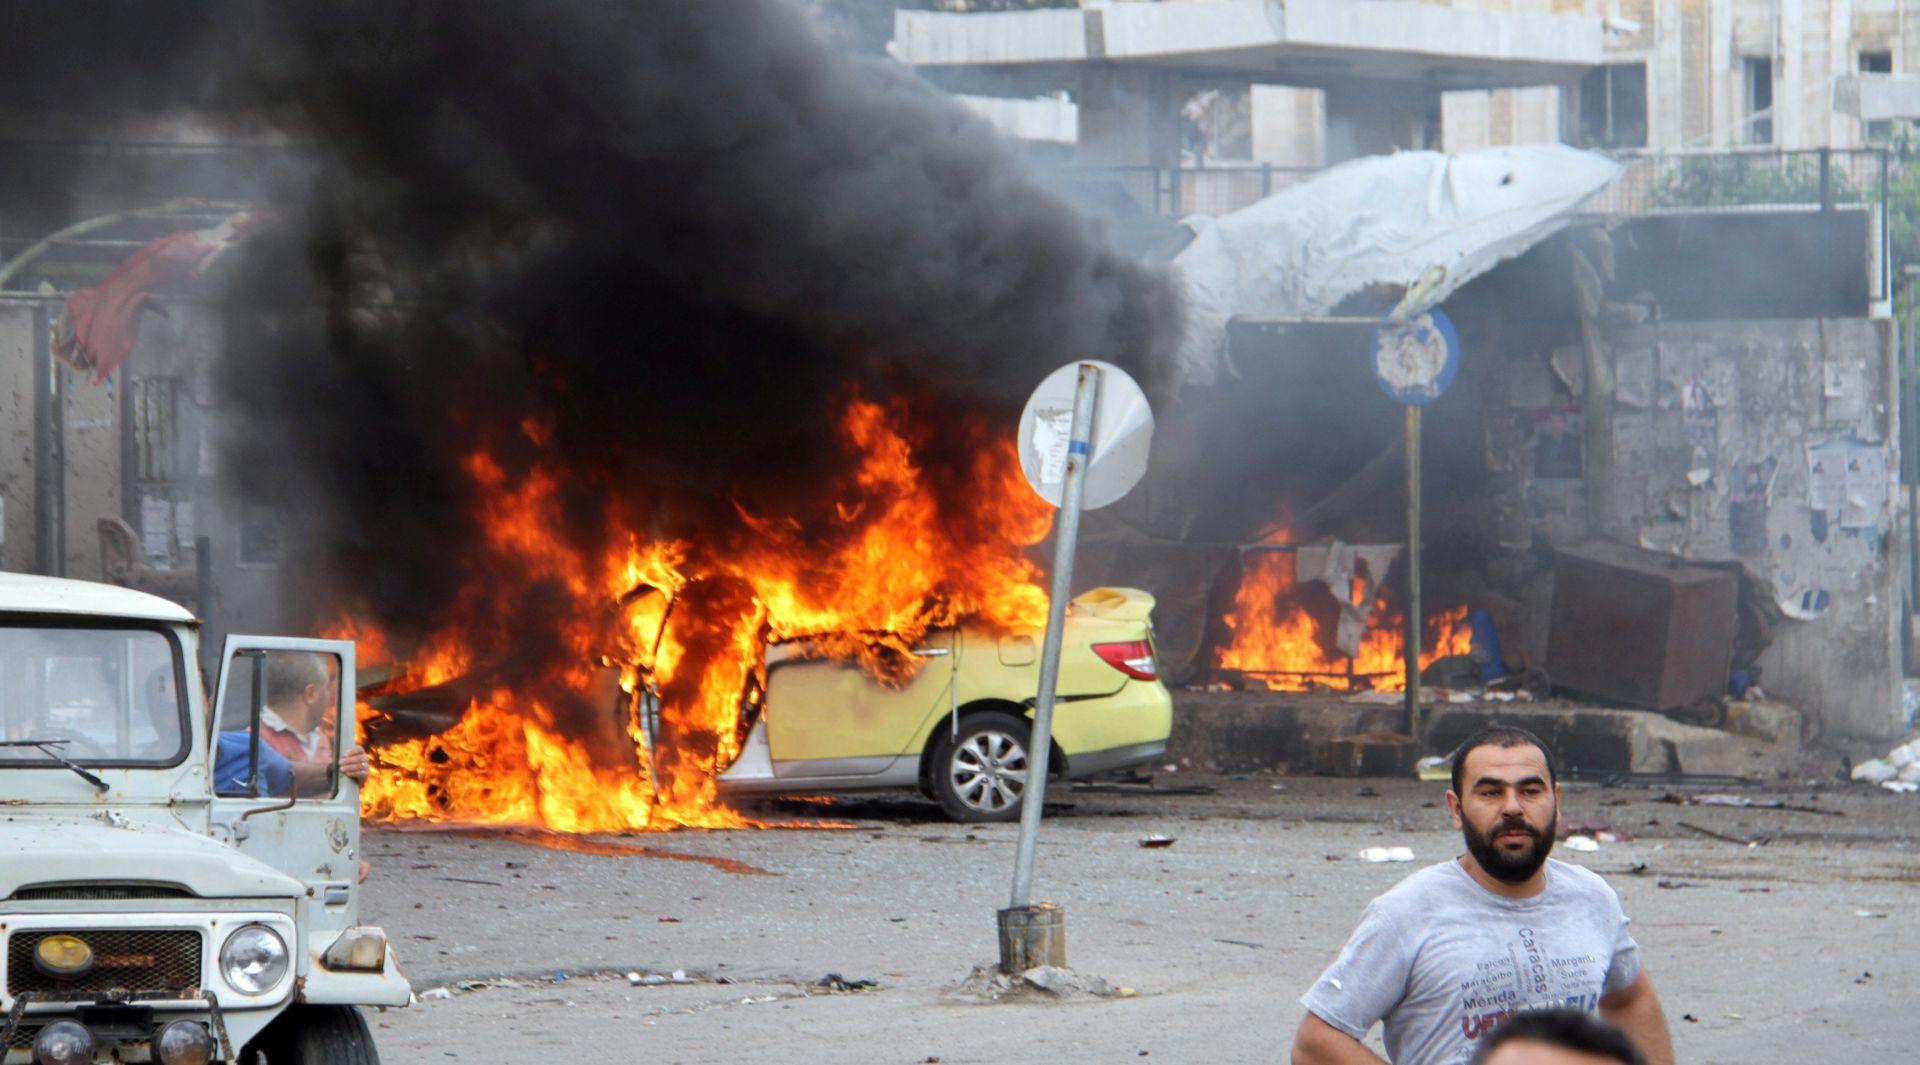 VIŠE OD 100 POGINULIH Islamska država preuzela odgovornost za napade u Siriji